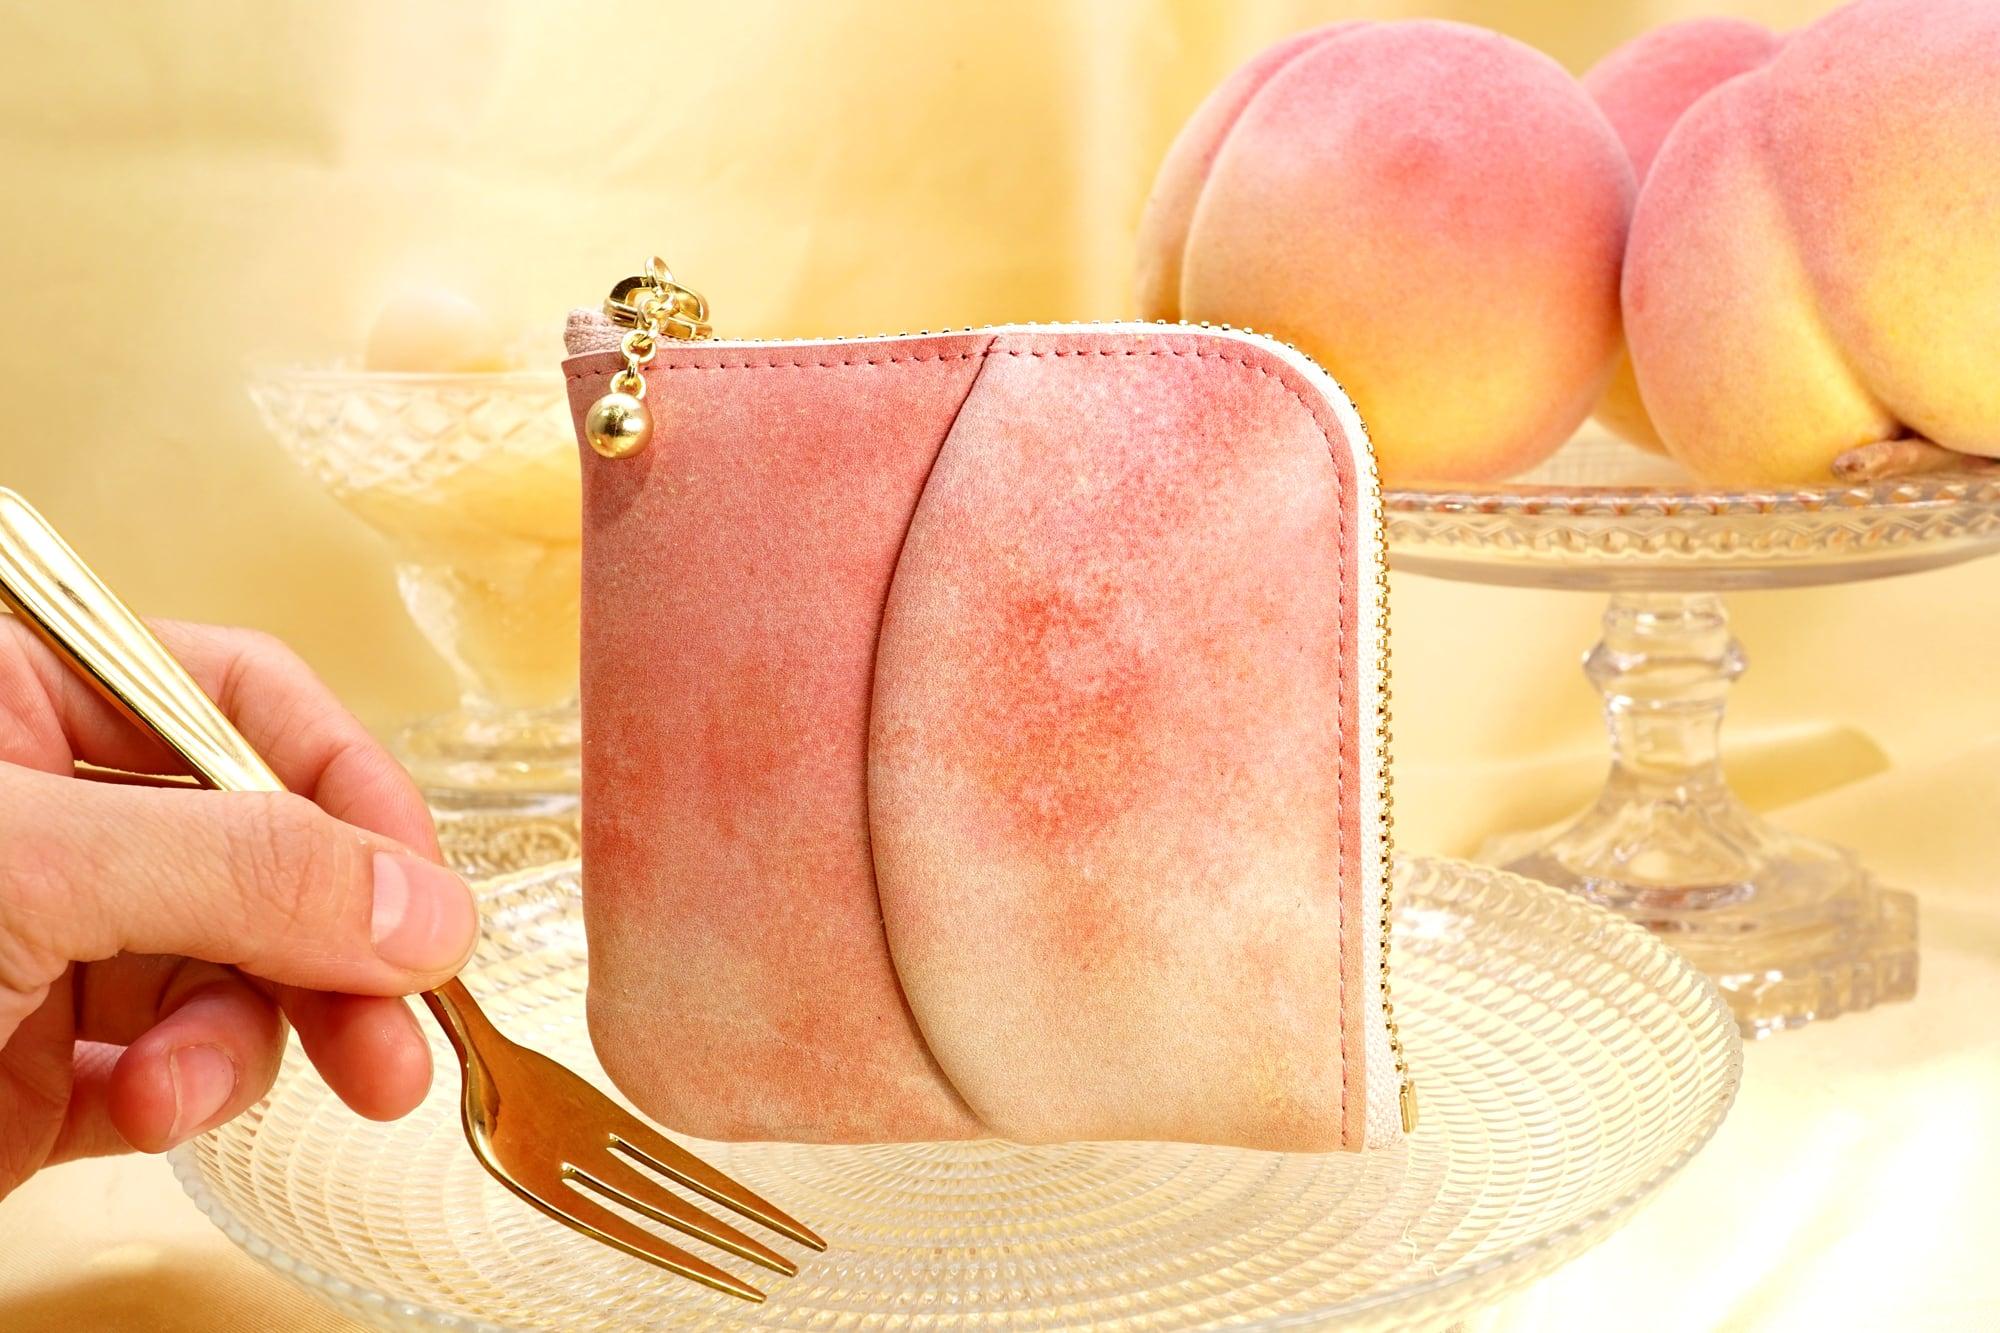 桃なL字ファスナーコンパクト財布(牛革製)